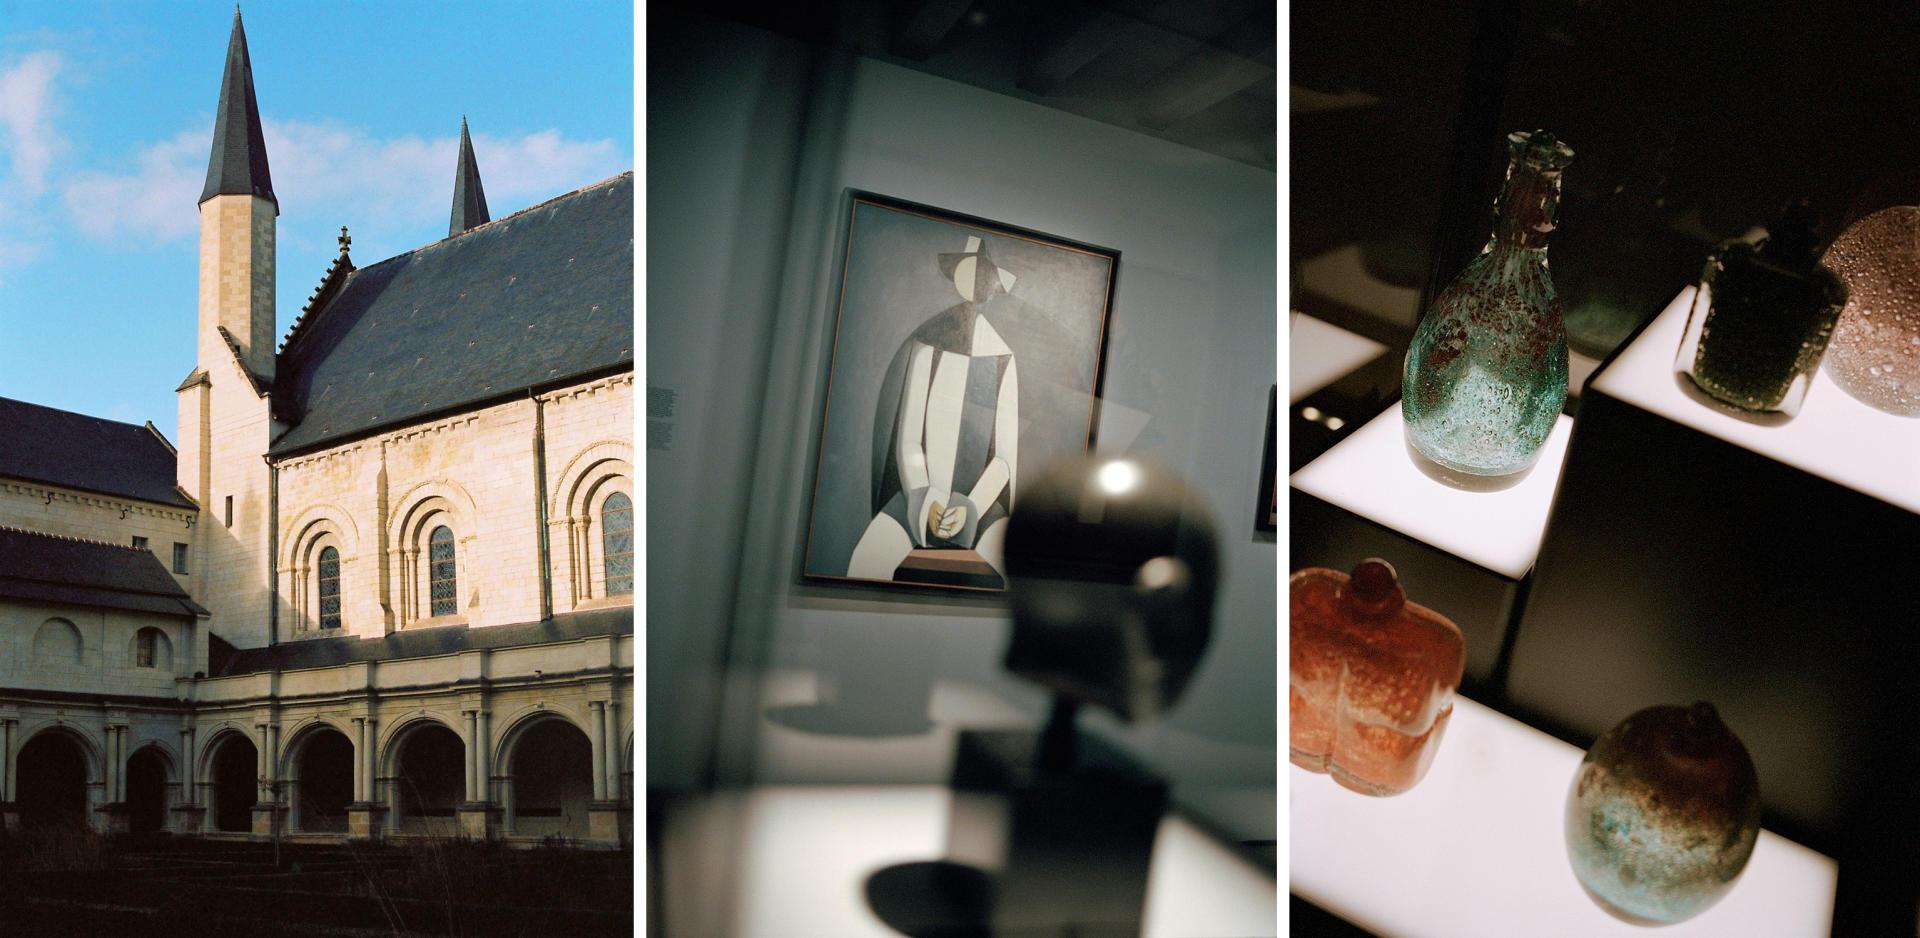 De gauche à droite: le cloître du Grand-Moutier de l'Abbaye Royale, un«Pierrot» (1961) de Duilio Barnabè, et des créations du verrier Maurice Marinot (1882-1960), dans le Musée d'art moderne.